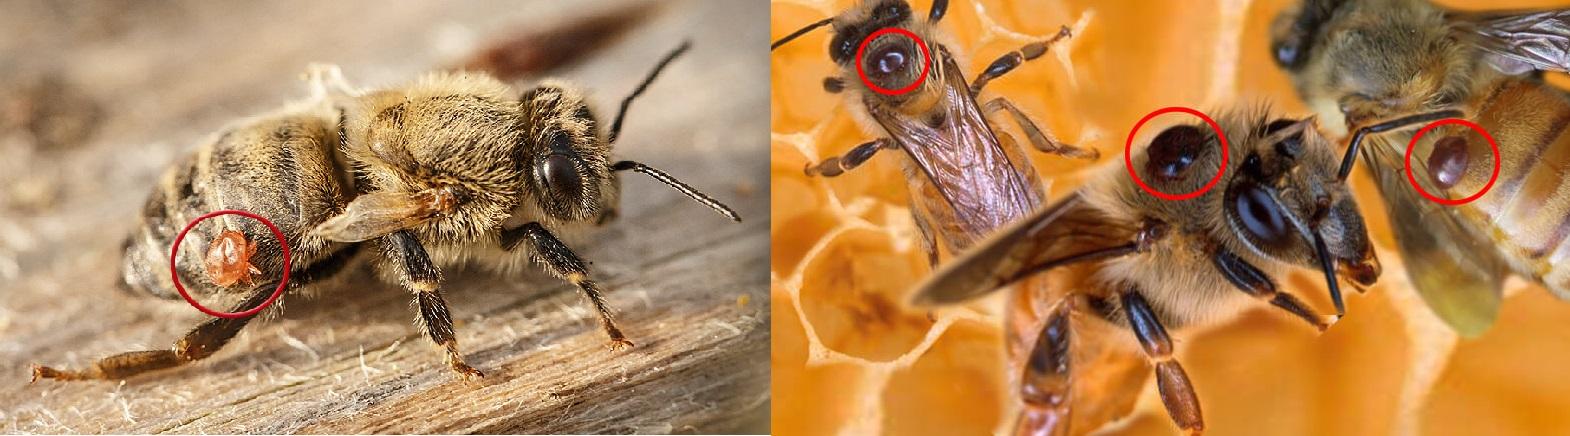 Инвазионные болезни медоносных пчел